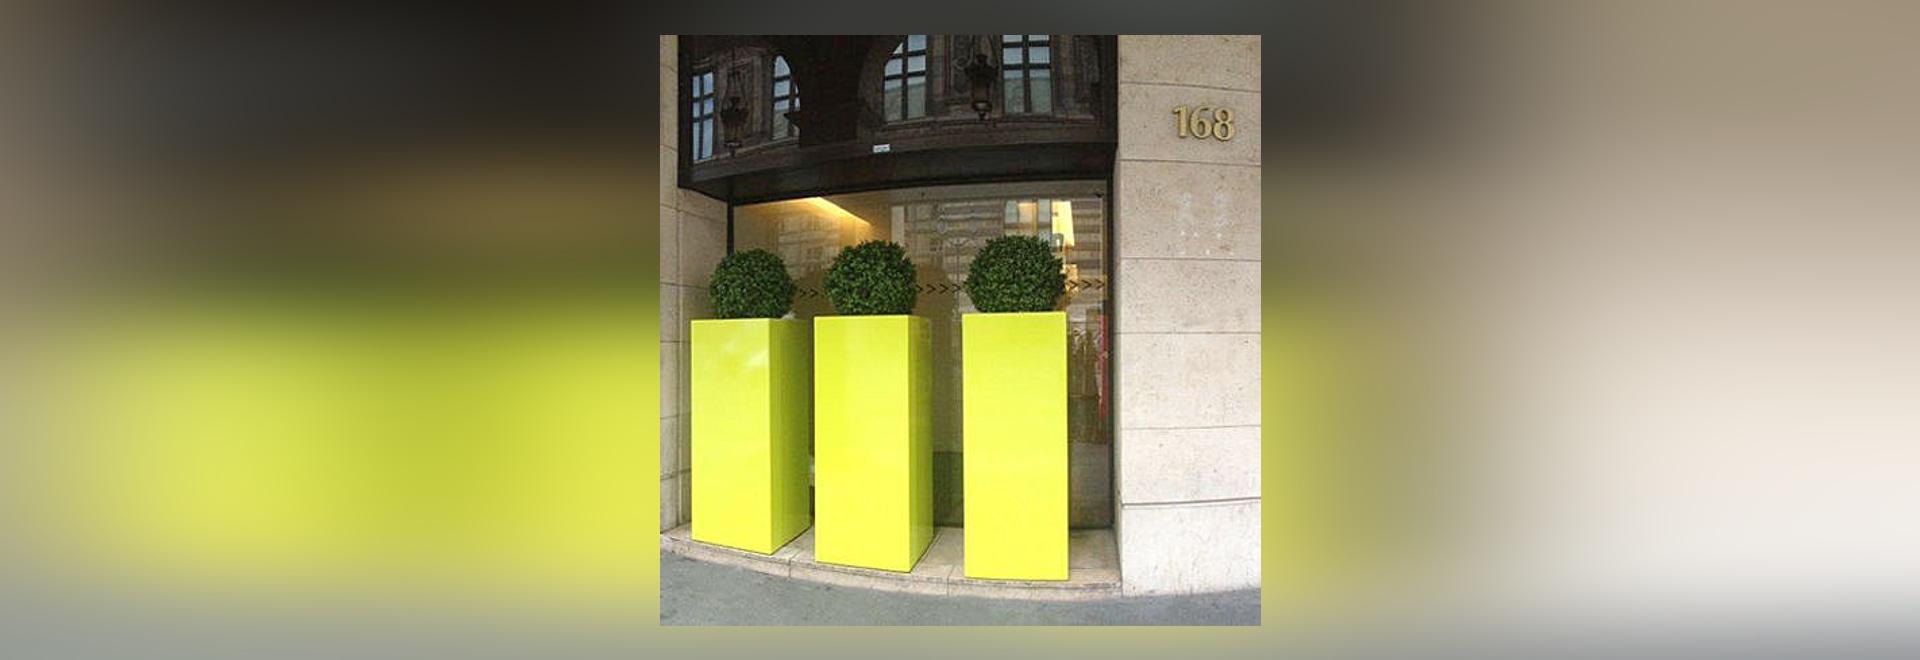 IlageIn - altos envases de la planta por encargo en Francia, conveniente a los espacios públicos